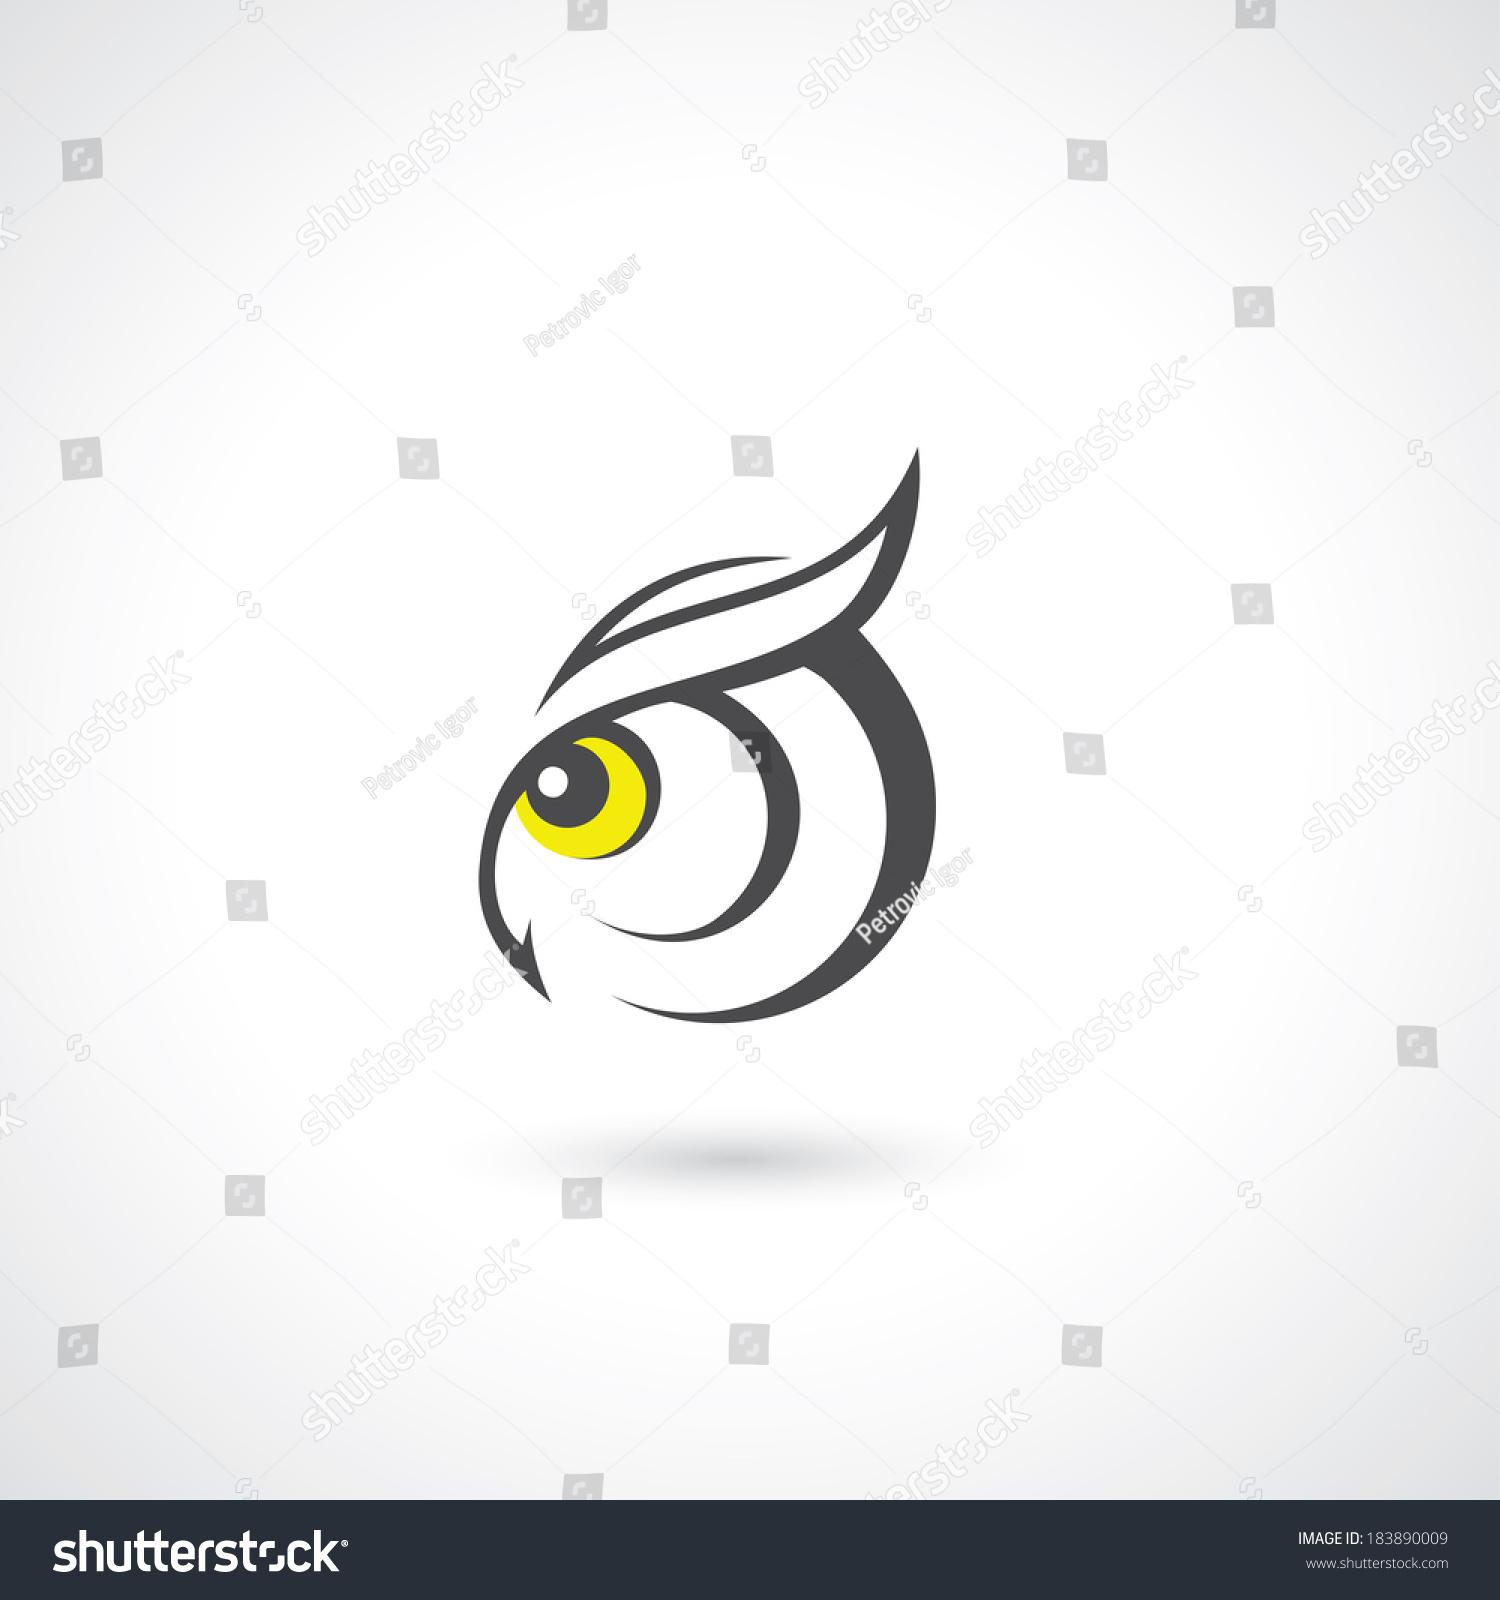 Owl Head - Vector Illustration - 183890009 : Shutterstock